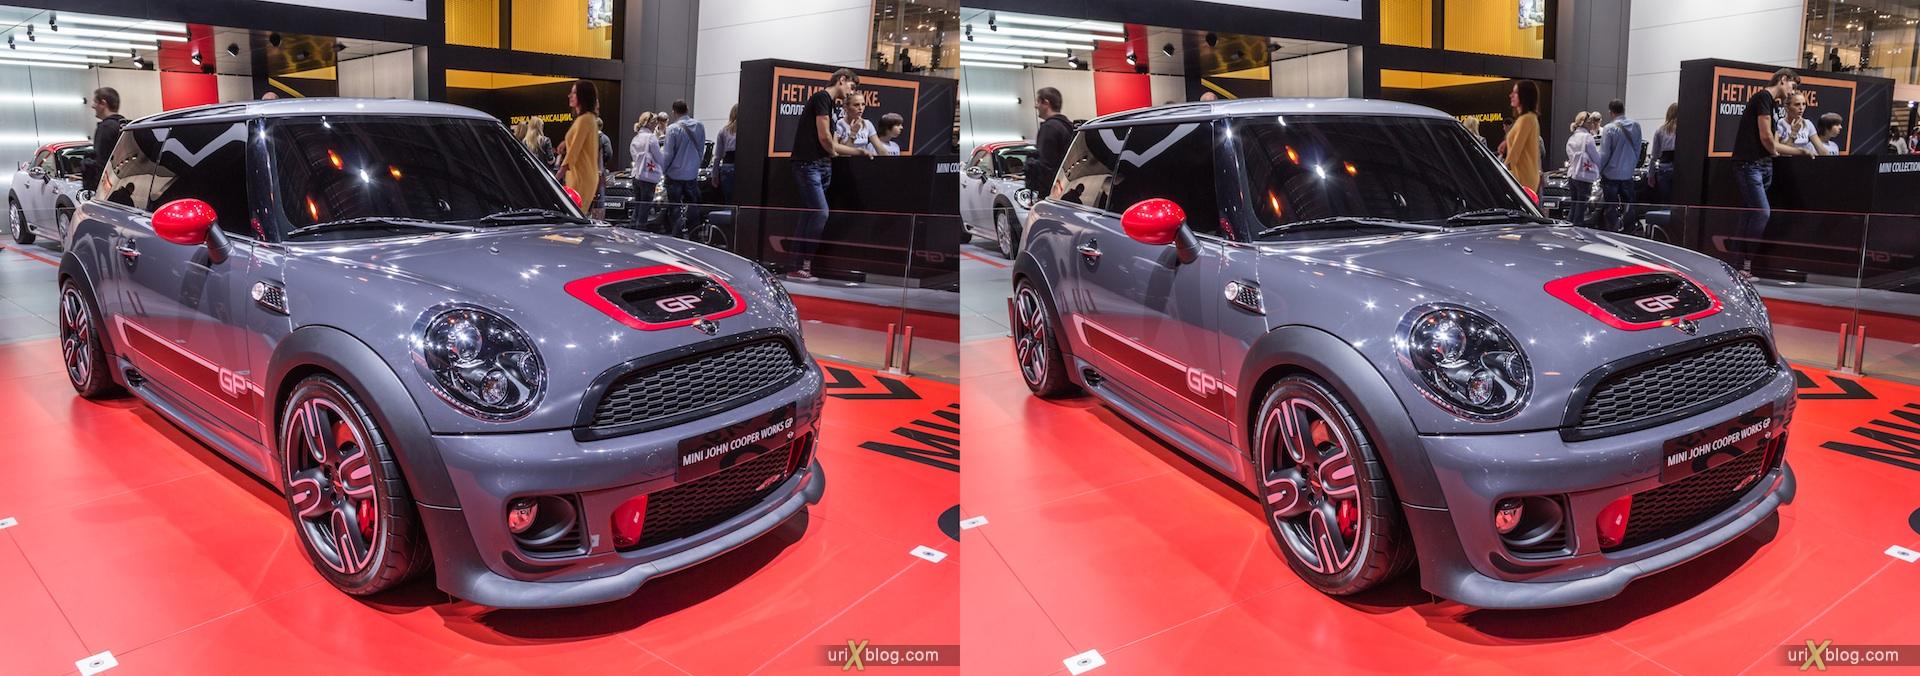 2012, Mini John Cooper Works GP, Московский международный автомобильный салон, ММАС, Крокус Экспо, 3D, стереопара